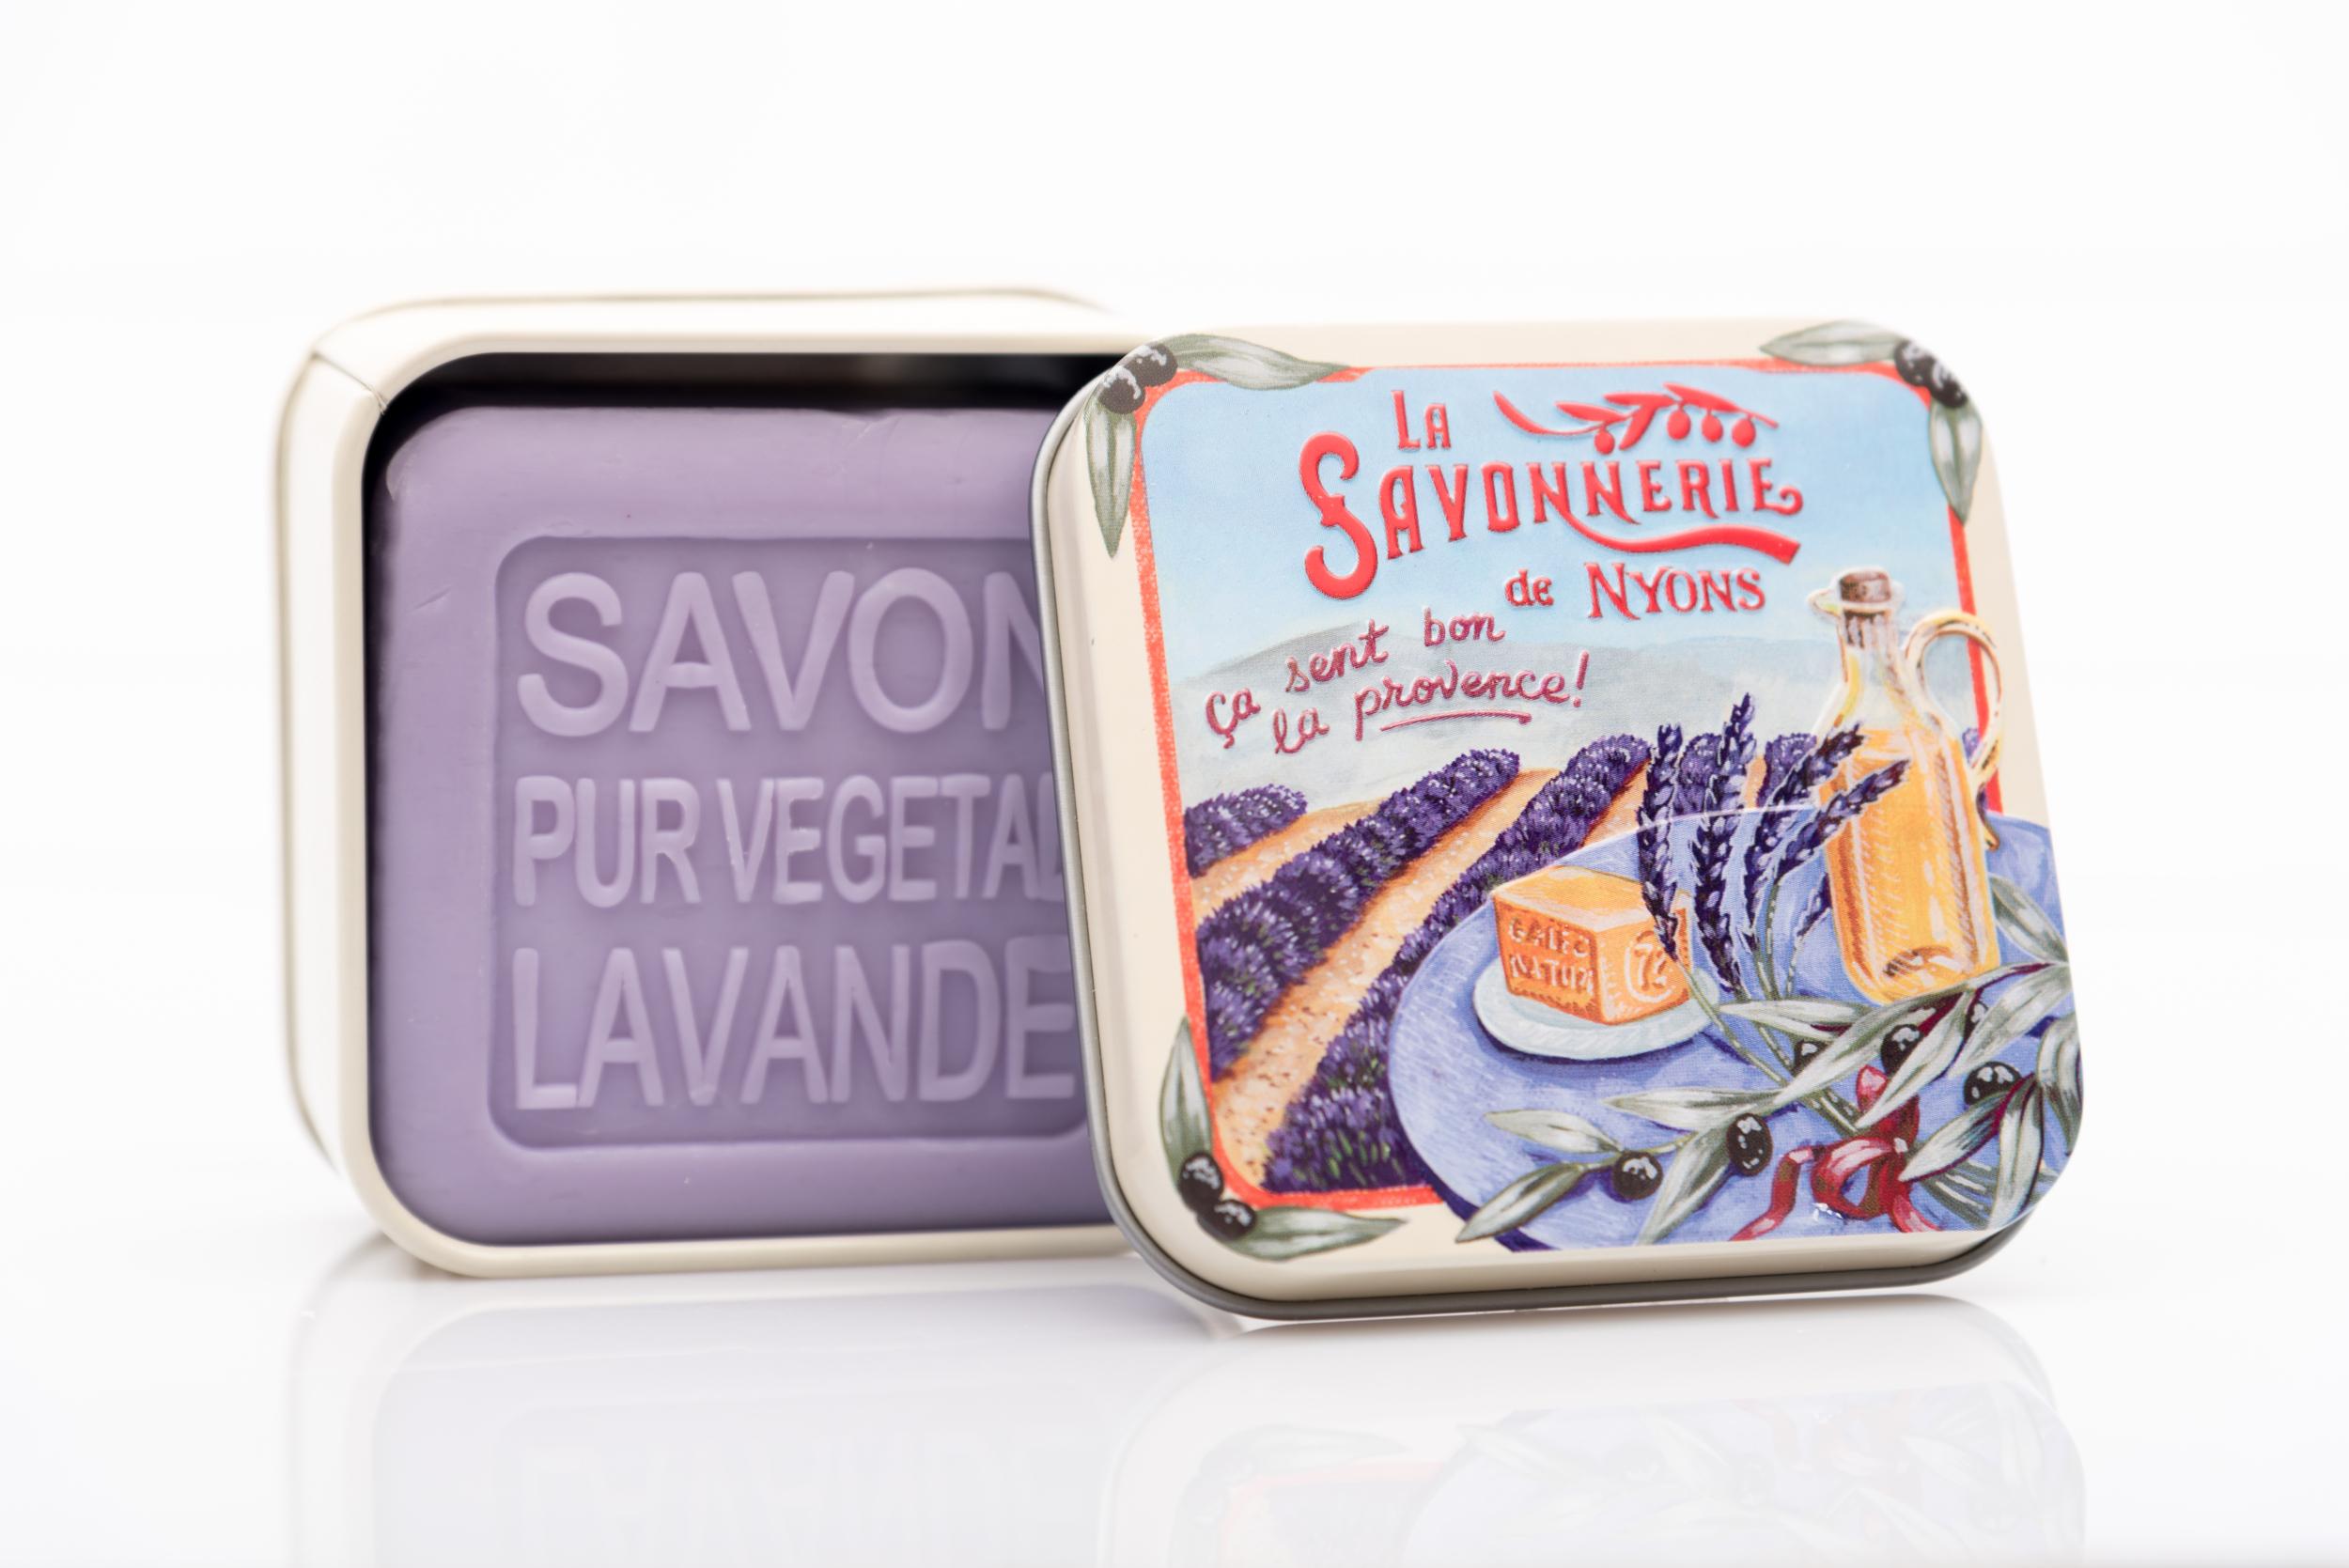 SAVON DE NYONS VEGETAL MADE IN FRANCE AVEC BOITE METALIQUE MODELE 25 A LA LAVANDE